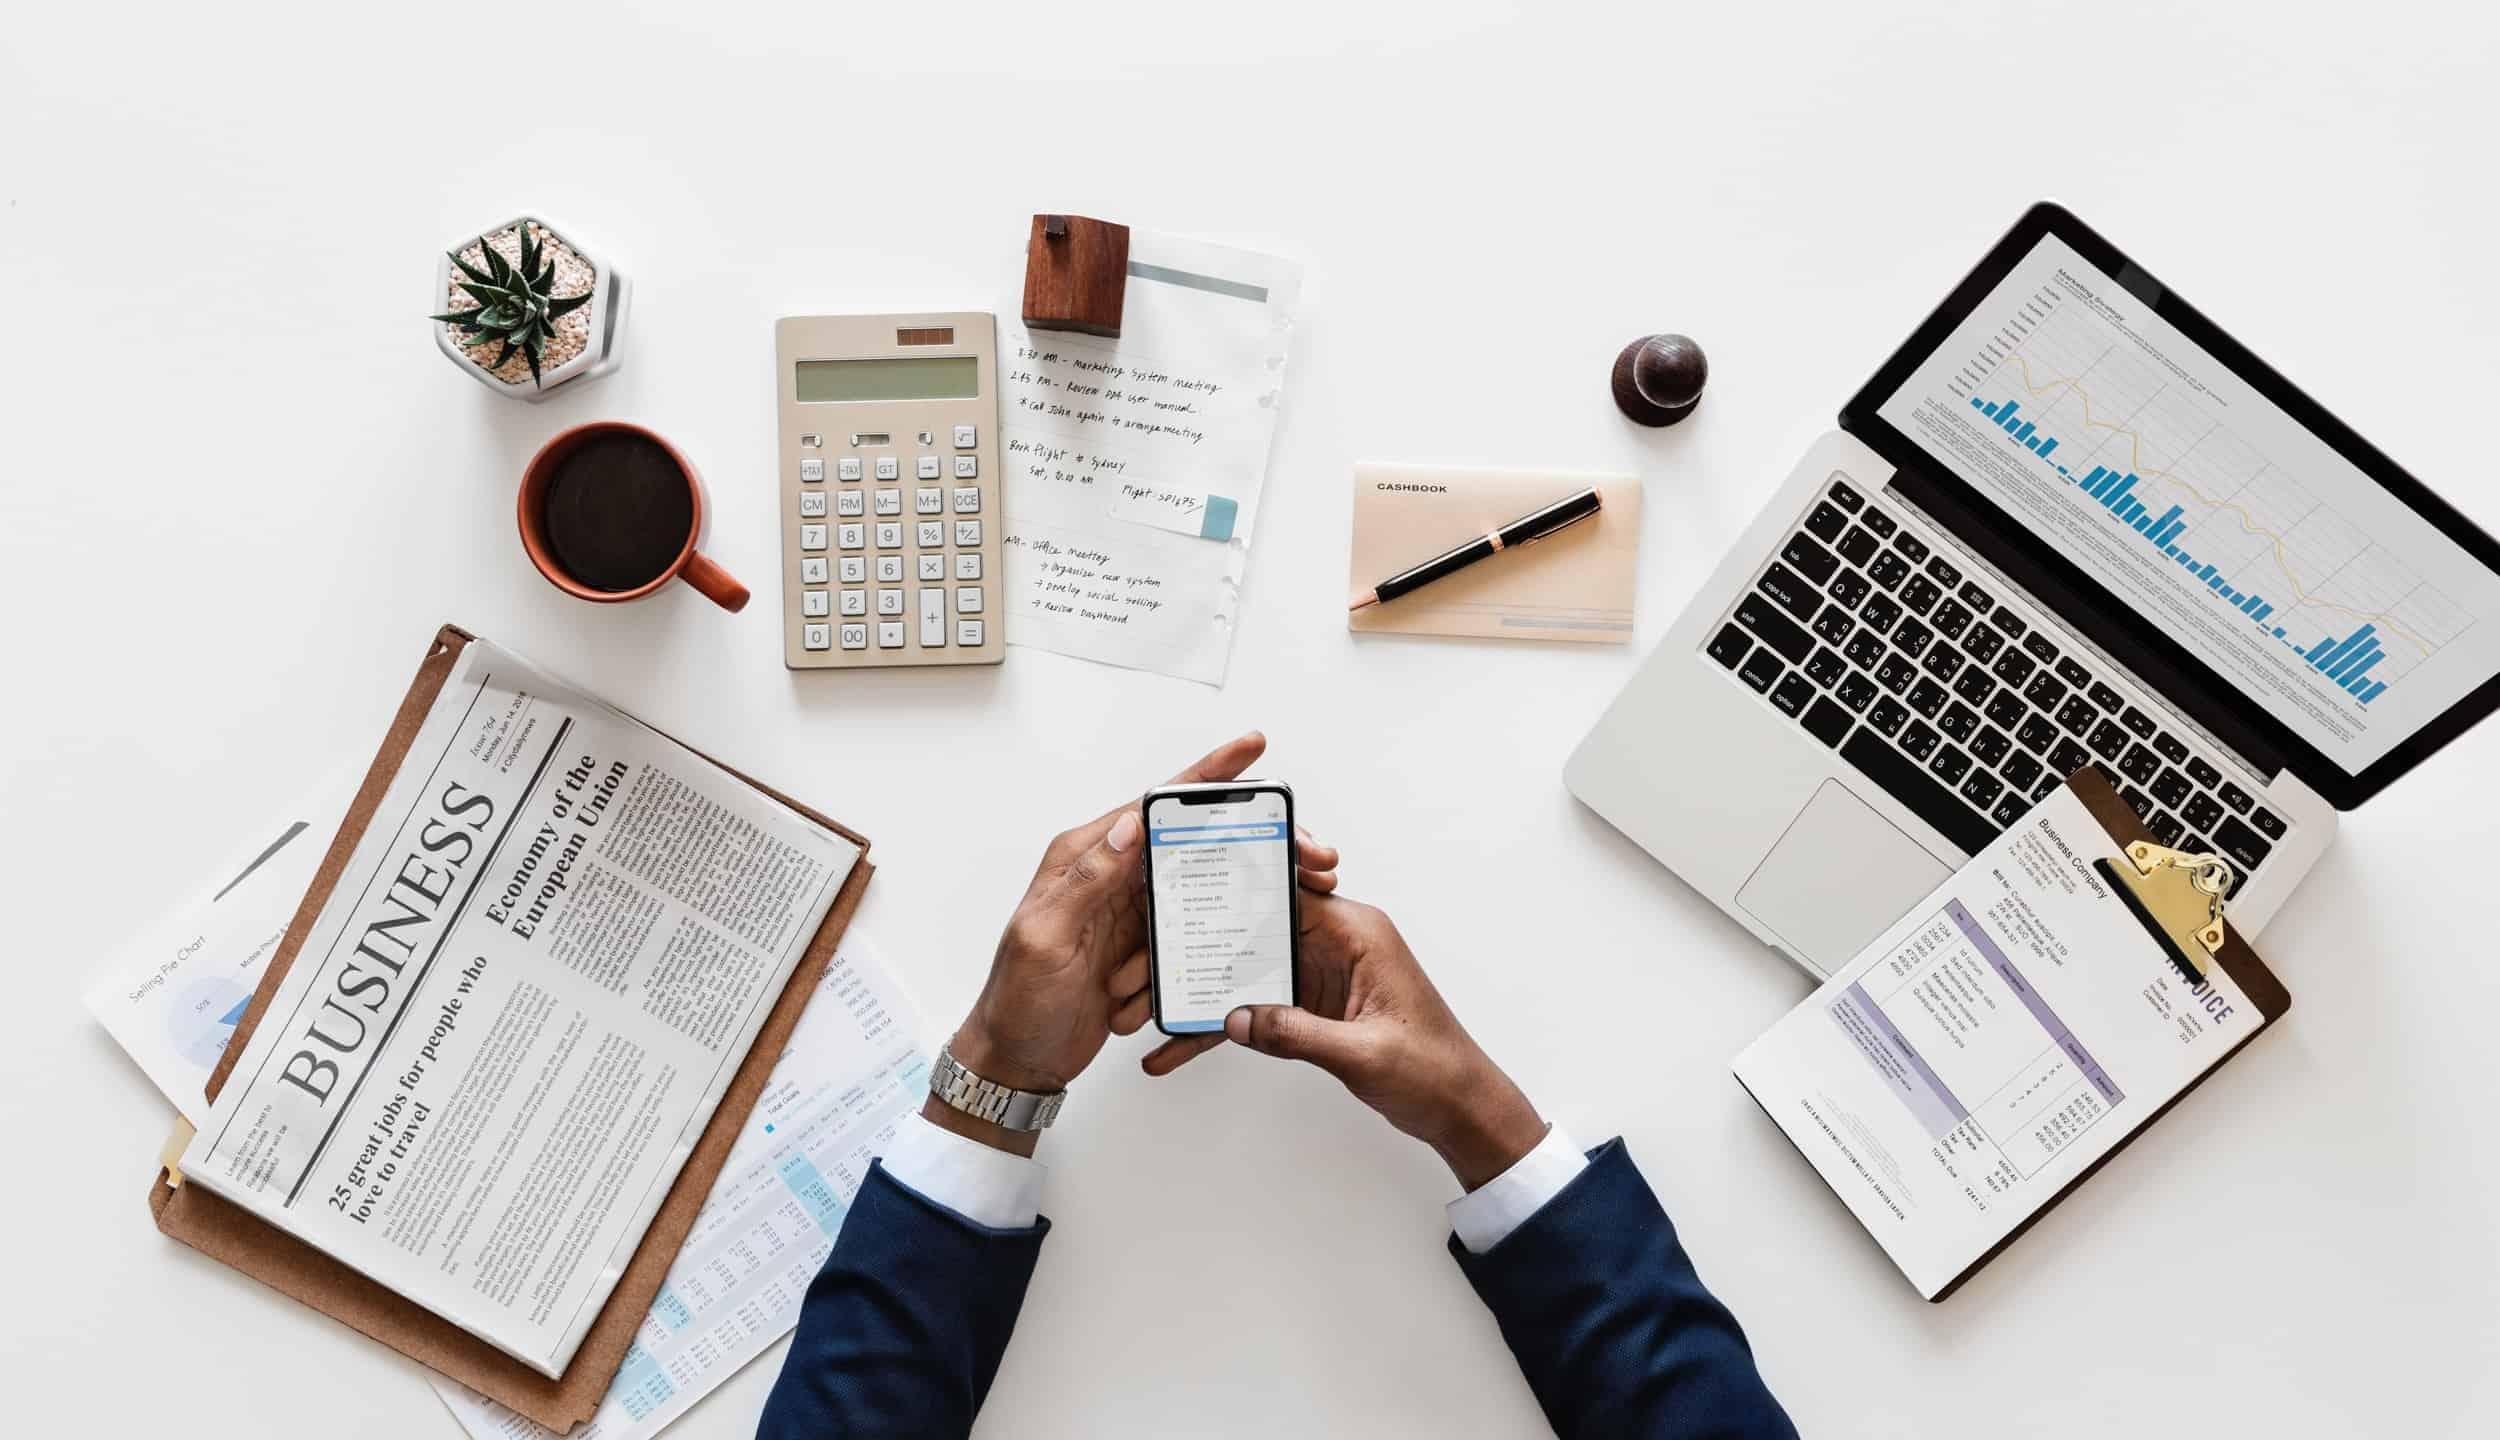 6 Mobile Banking Terbaik Bca Cimb Niaga Permata Mandiri Dan Lainnya